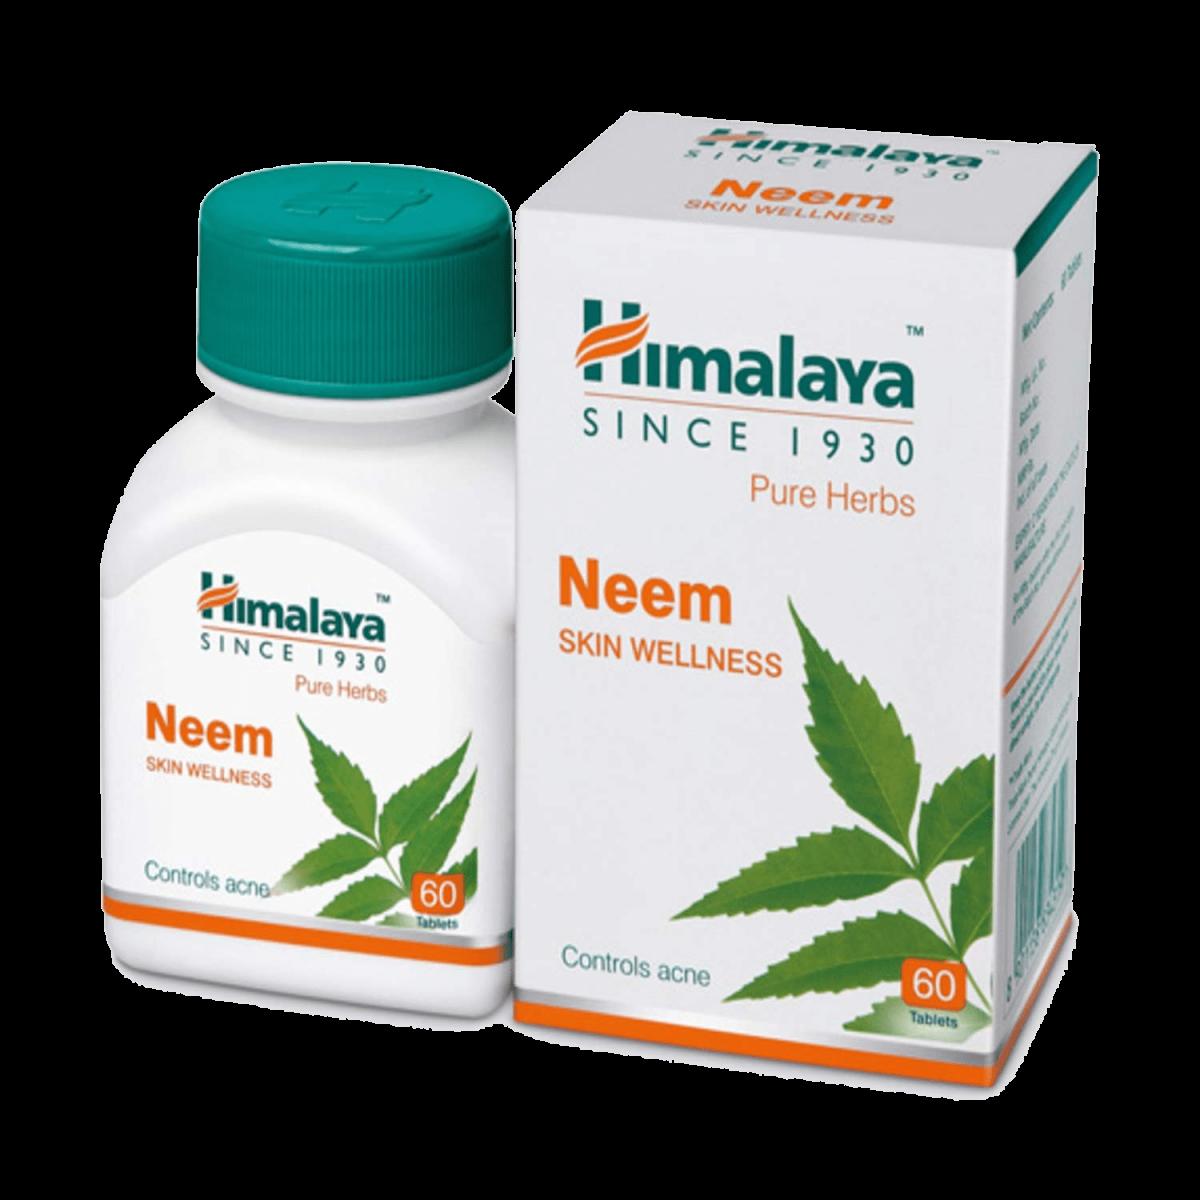 Suplemento neem himalya